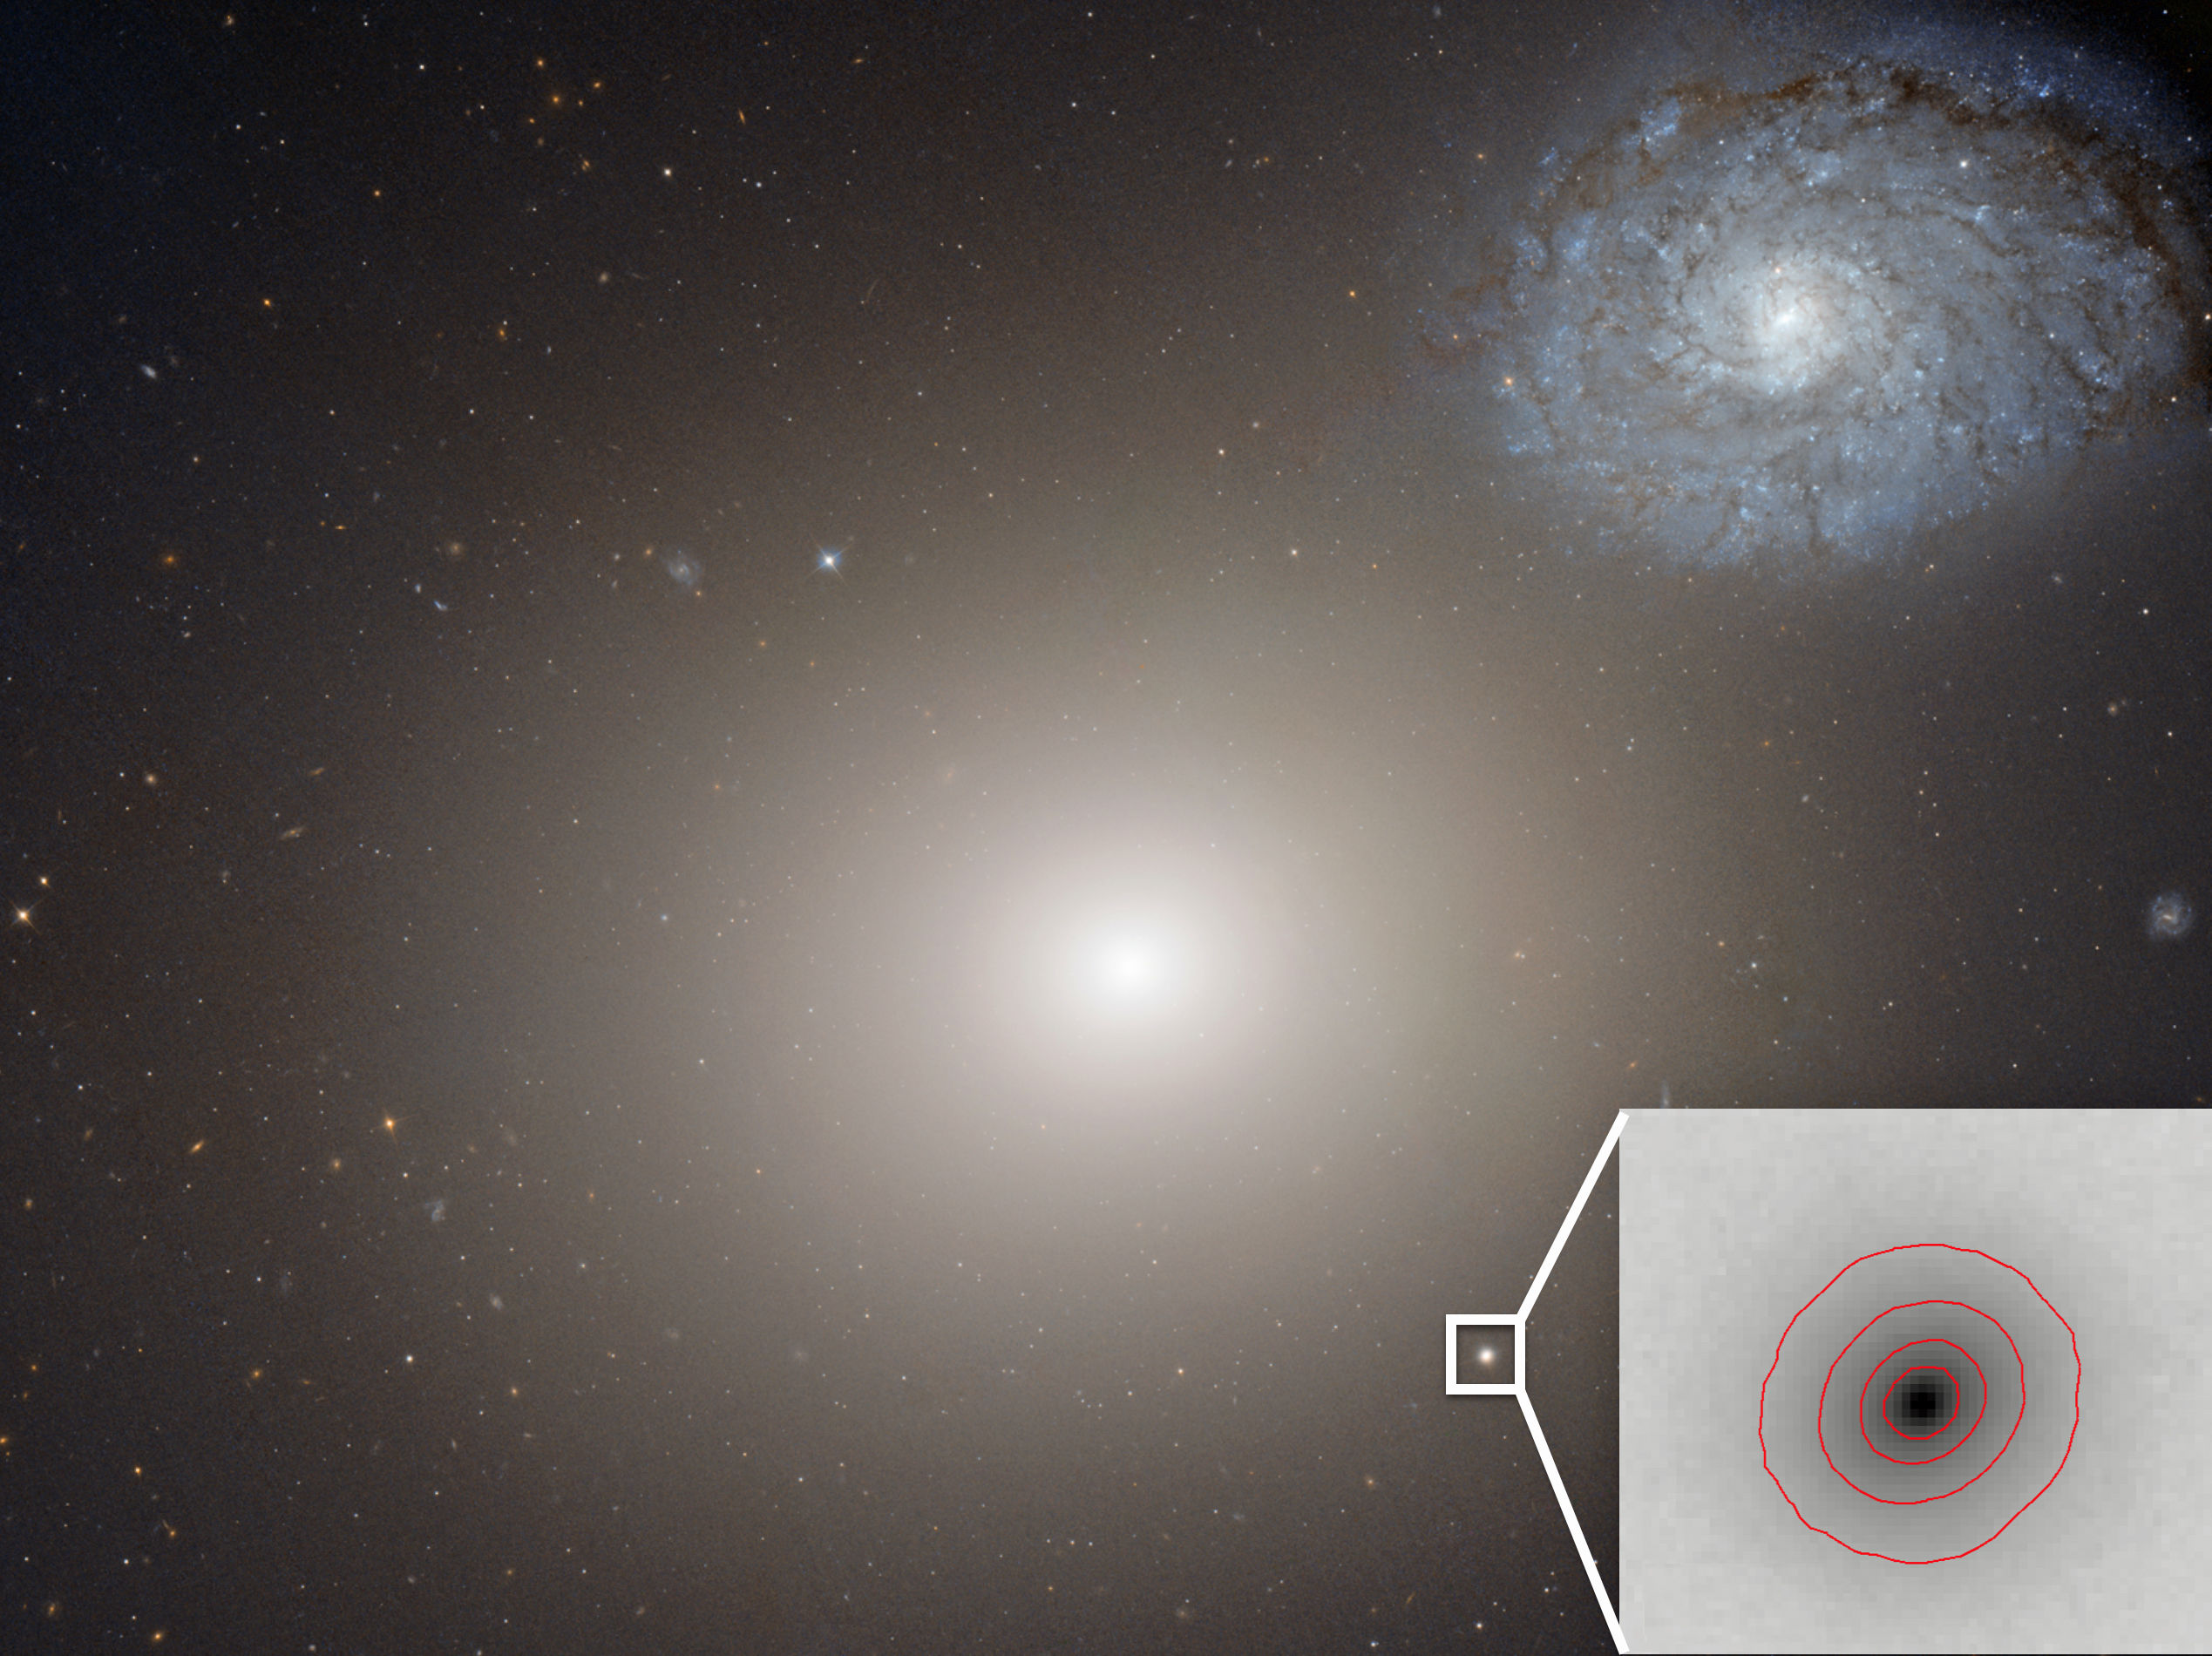 Обнаружена самая маленькая галактика со сверхмассивной черной дырой